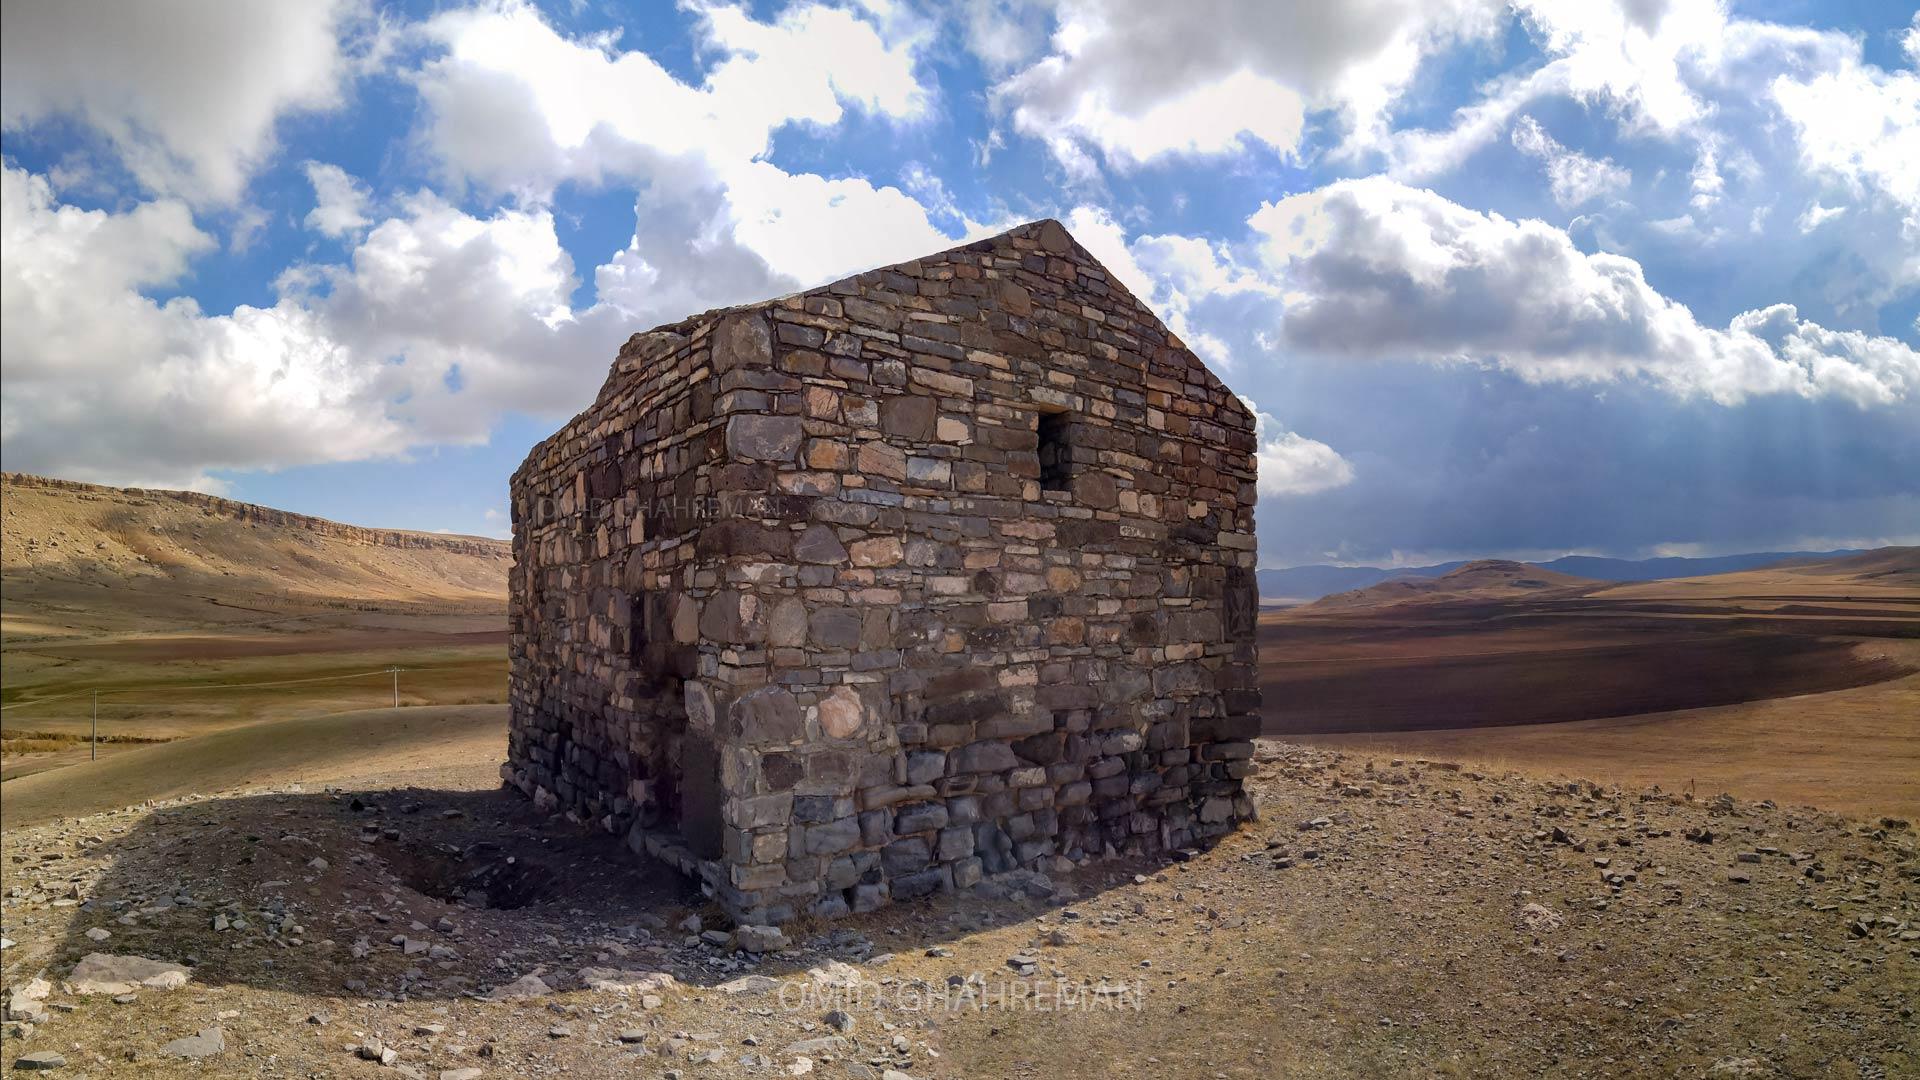 مقبره ساندخت در نزدیکی کلسیای تادئوس مقدس